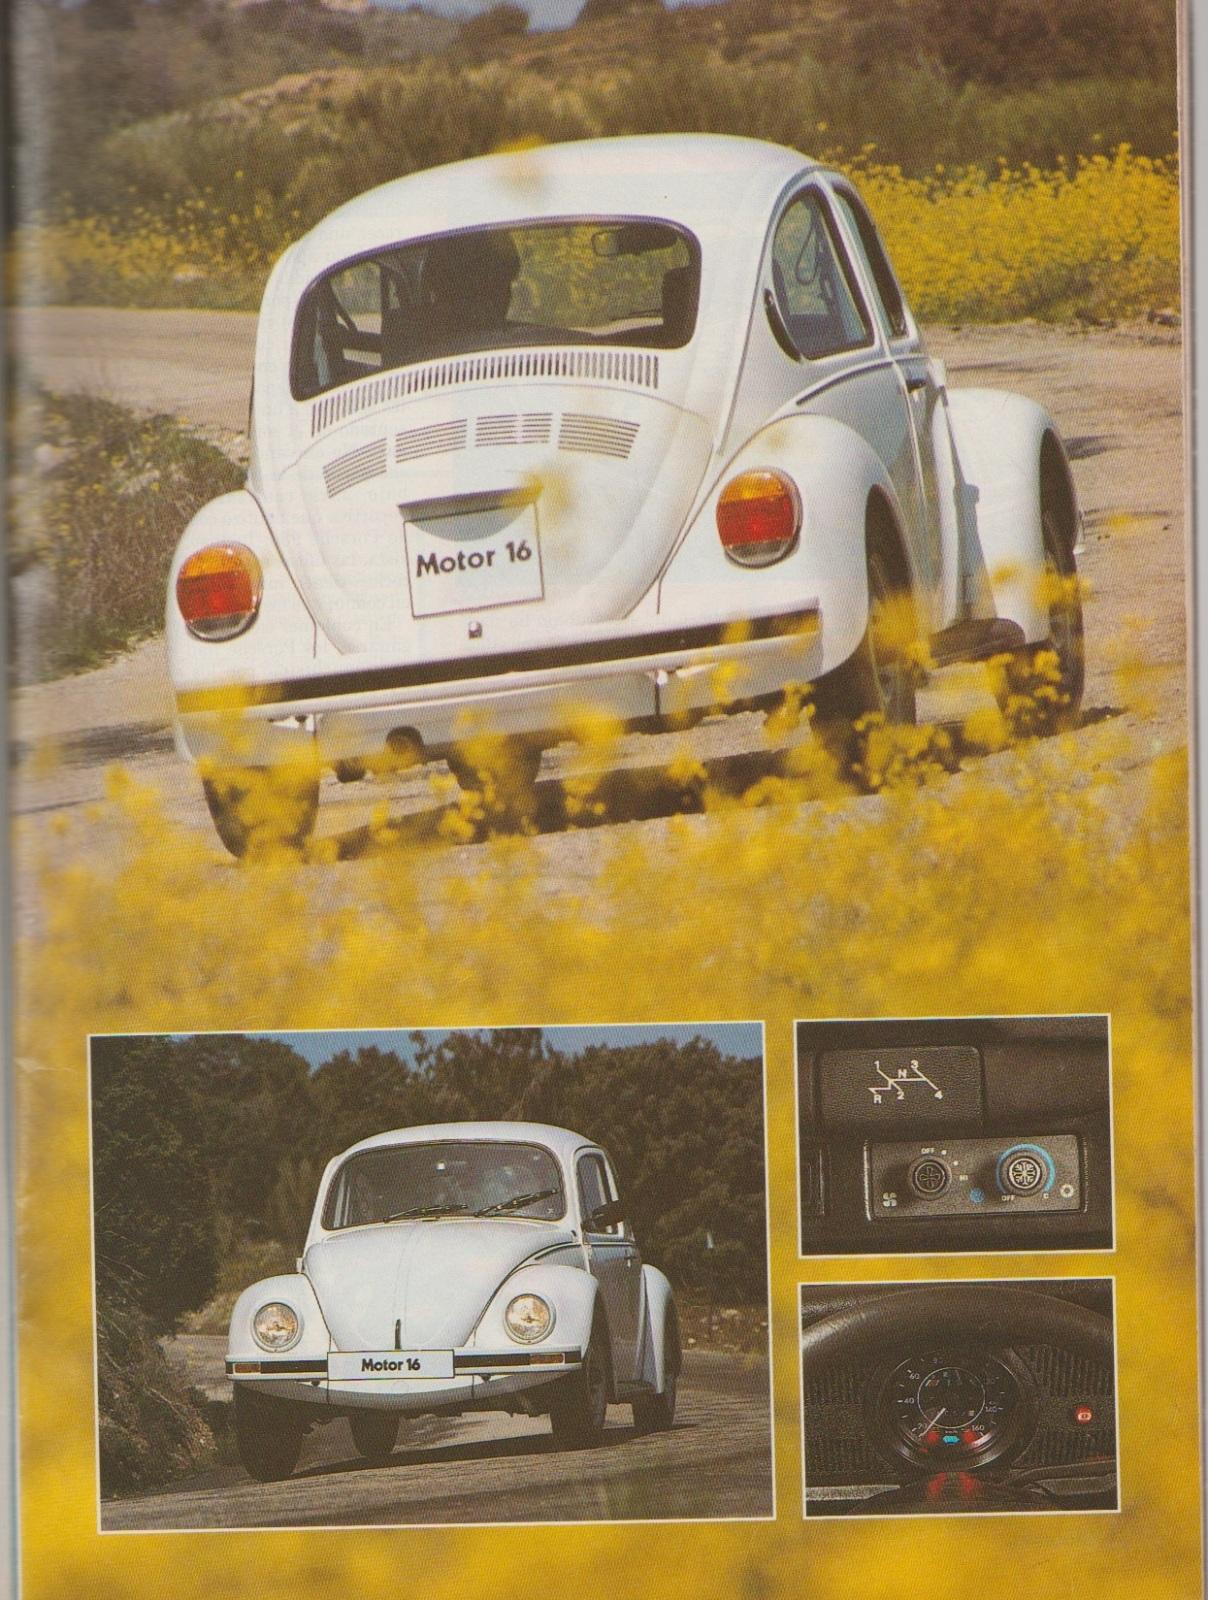 Prueba del Escarabajo 1600i por Motor 16 (1996) Rcq1c5